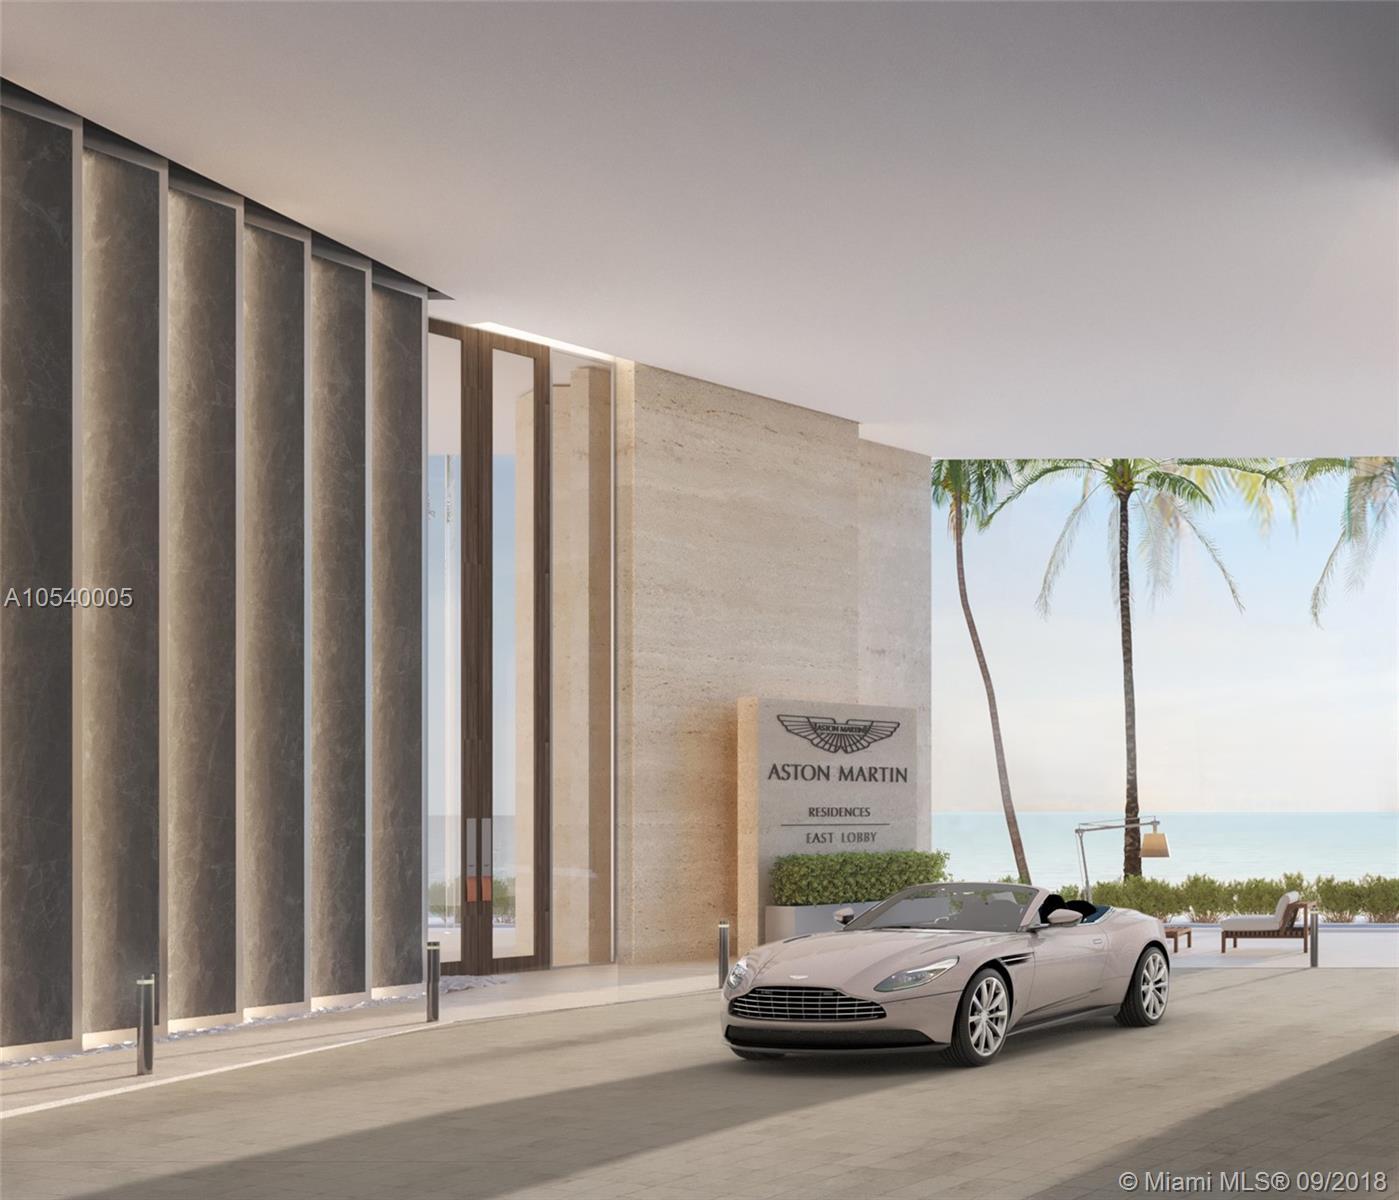 300 Biscayne Blvd Way 3306, Miami, FL 33131